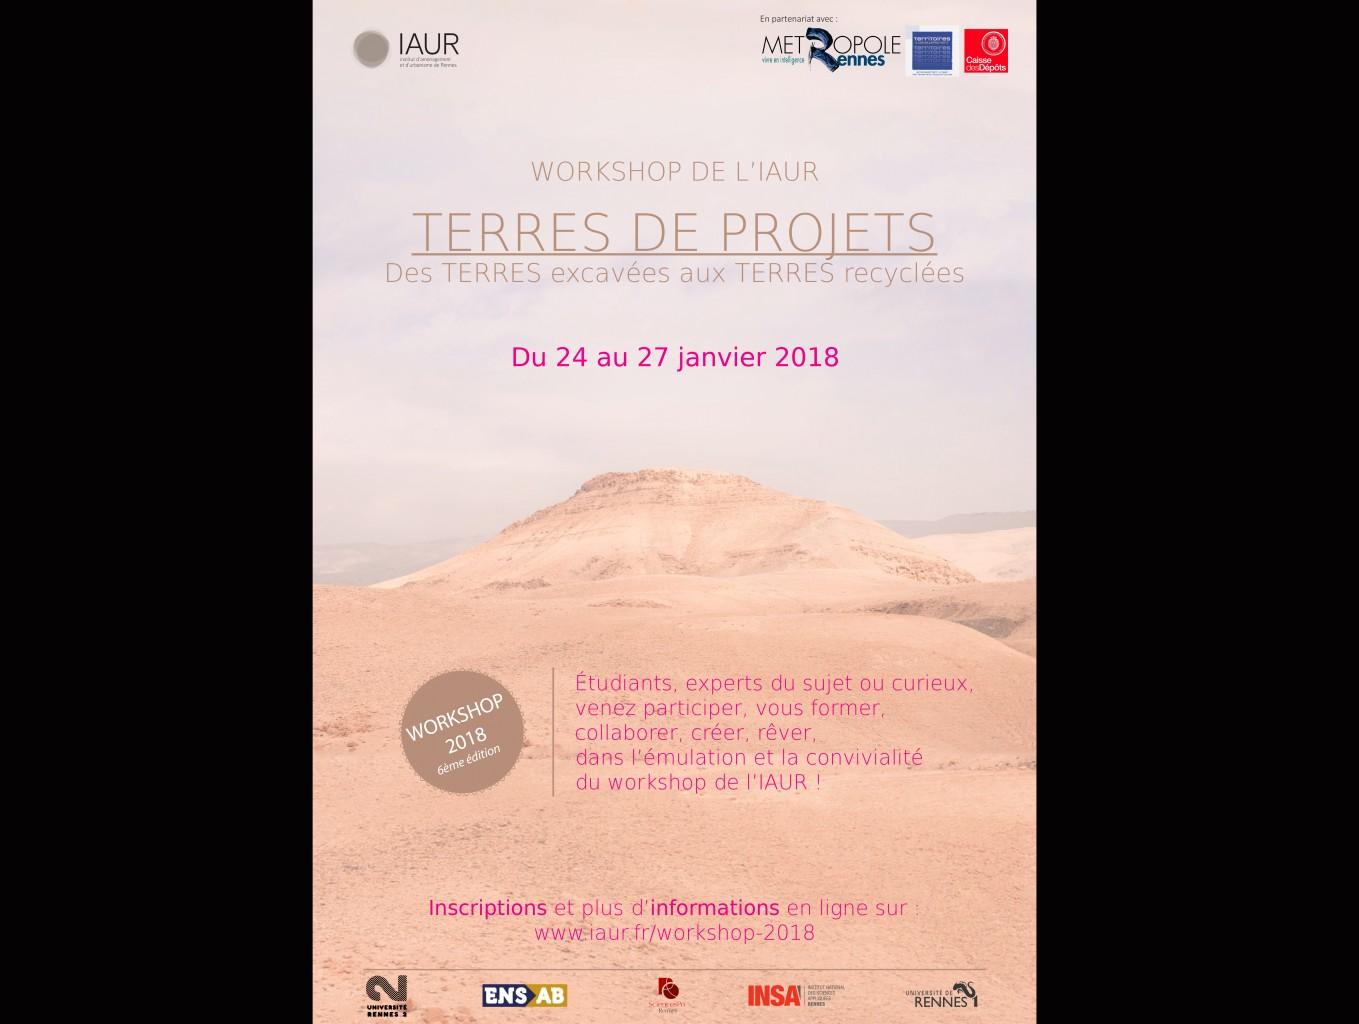 Une_Affiche_workshop_IAUR_2018